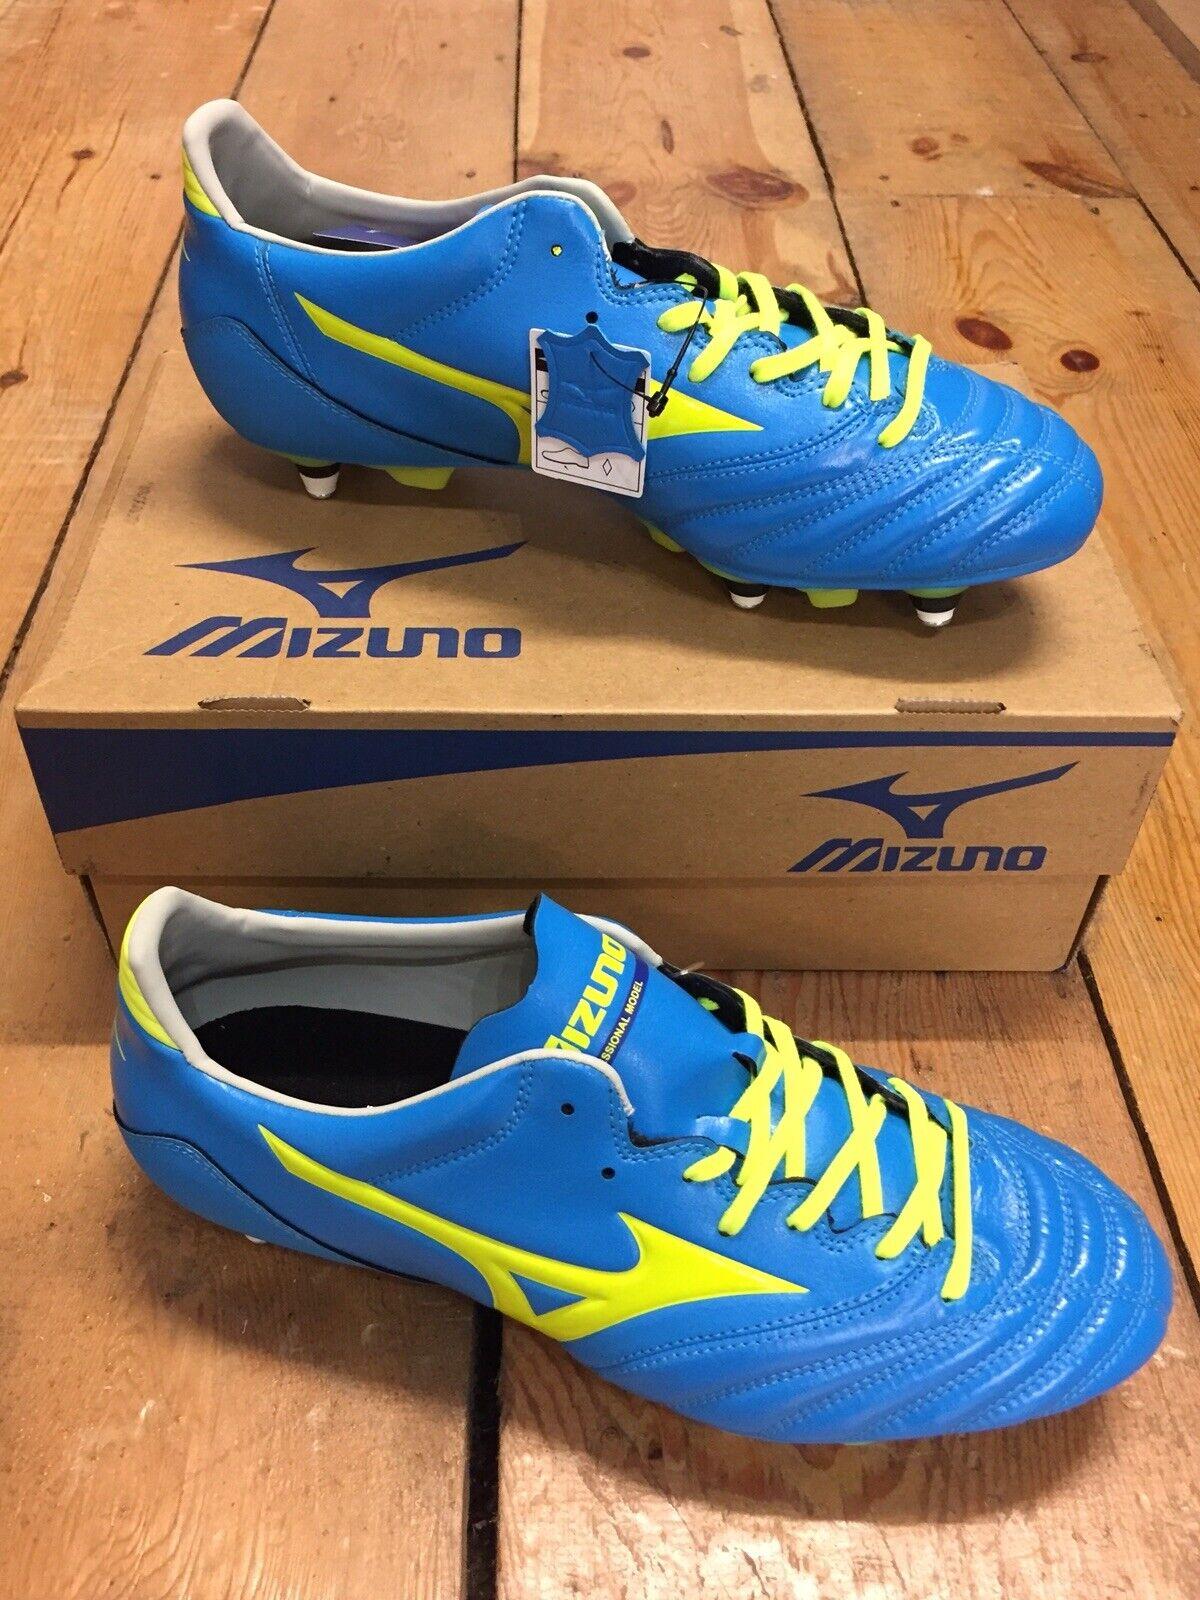 Mizuno Morelia Neo KL mezcla de cuero botas de fútbol-UK Talla 10.5  Totalmente NUEVO